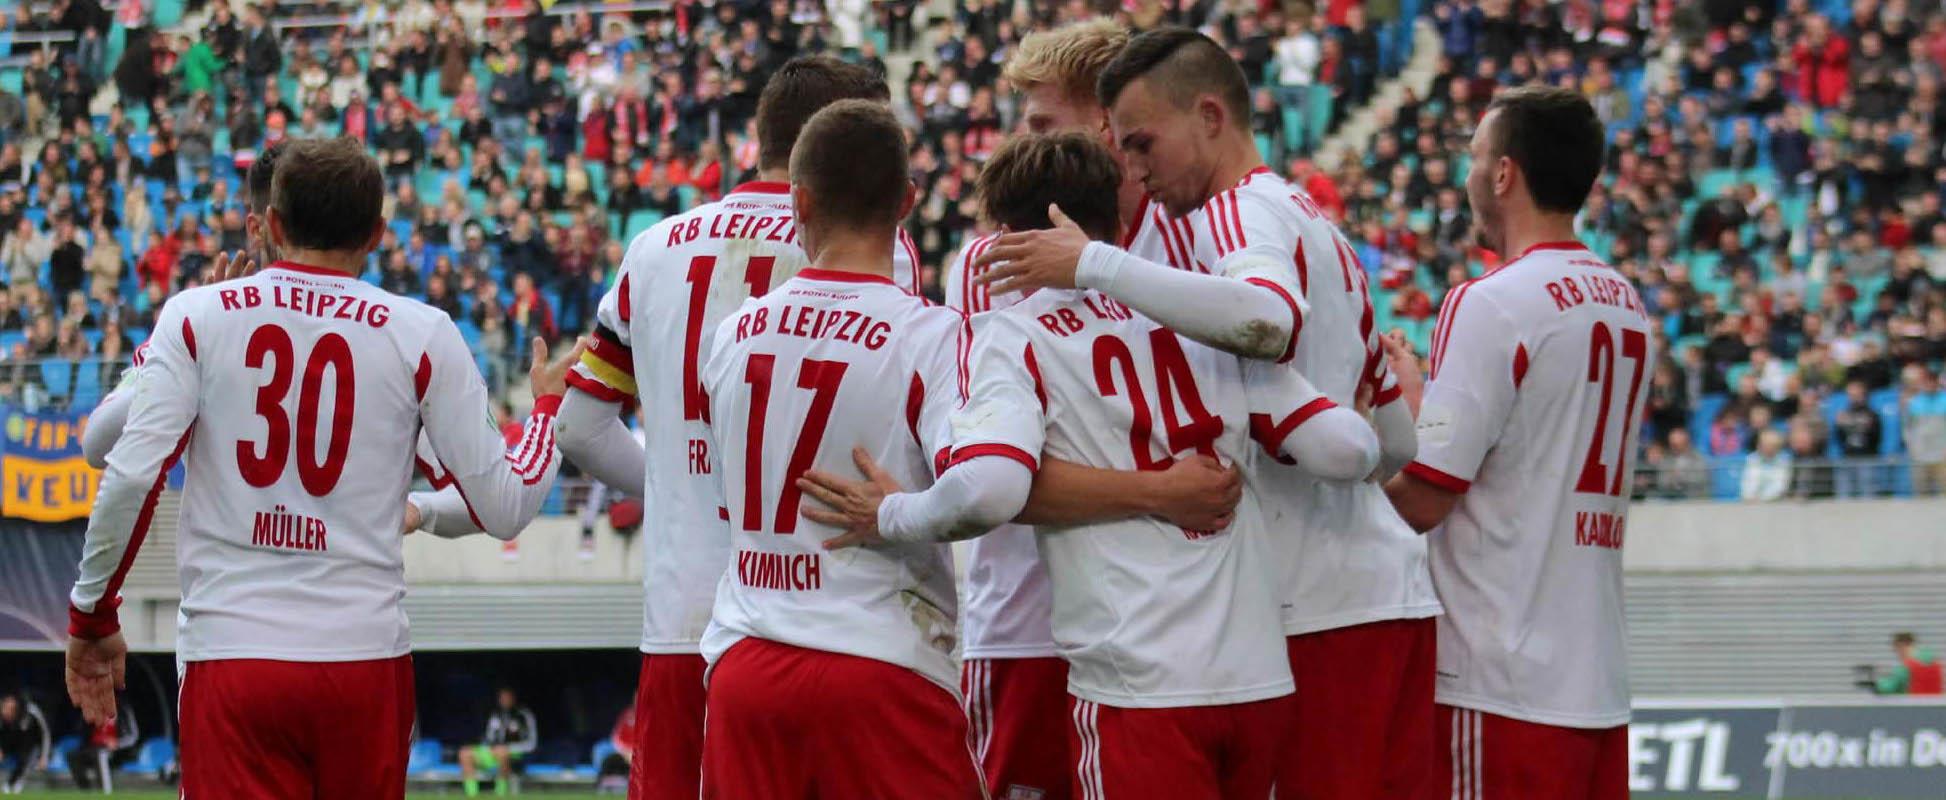 3. Runde Wernesgrüner Sachsenpokal: 1. FC Lokomotive Leipzig – RB Leipzig 0:2